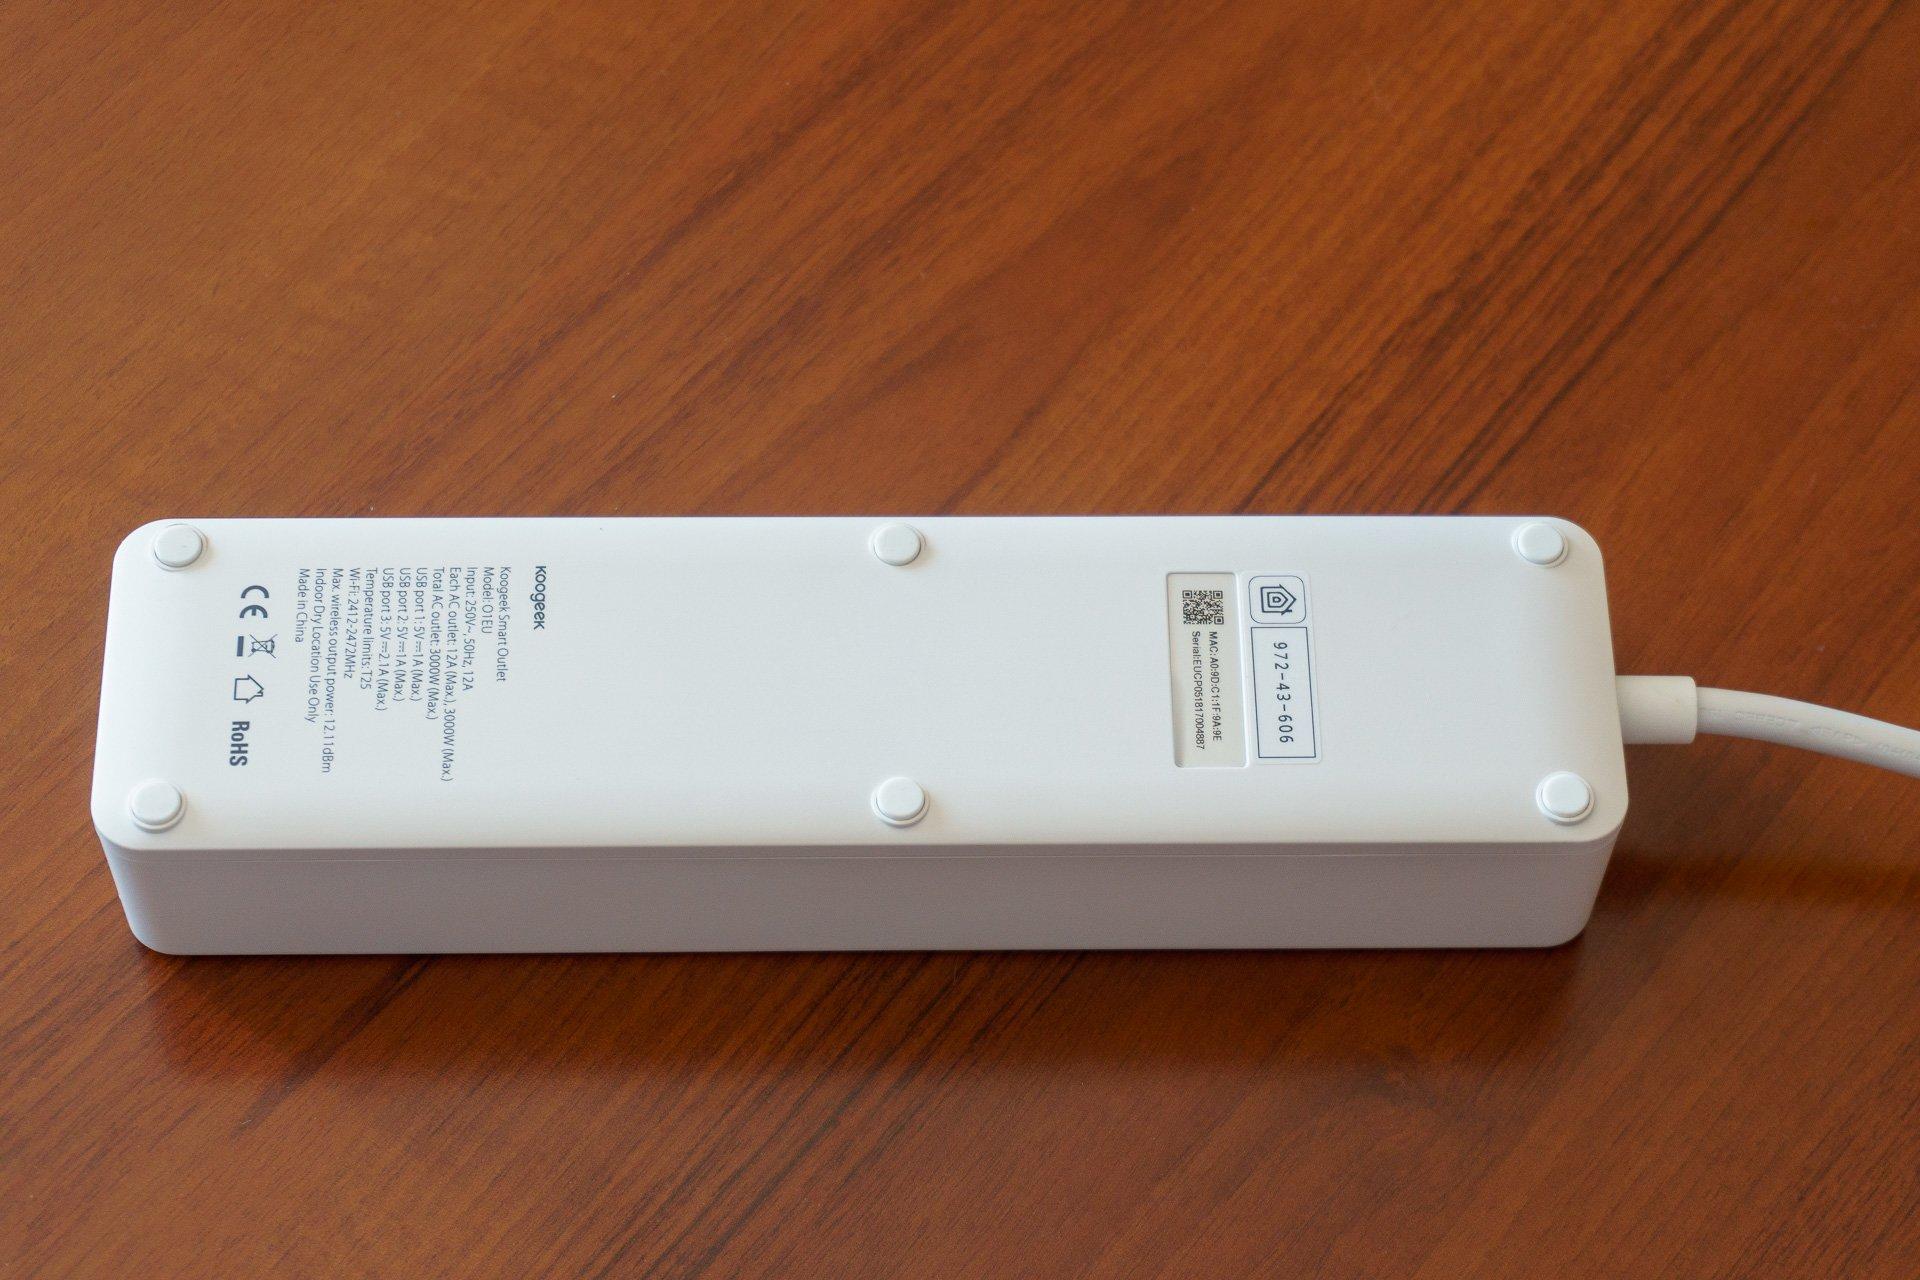 Inteligentna listwa zasilająca Koogeek O1EU Smart Outlet - nie krzyczcie na Siri (recenzja) 21